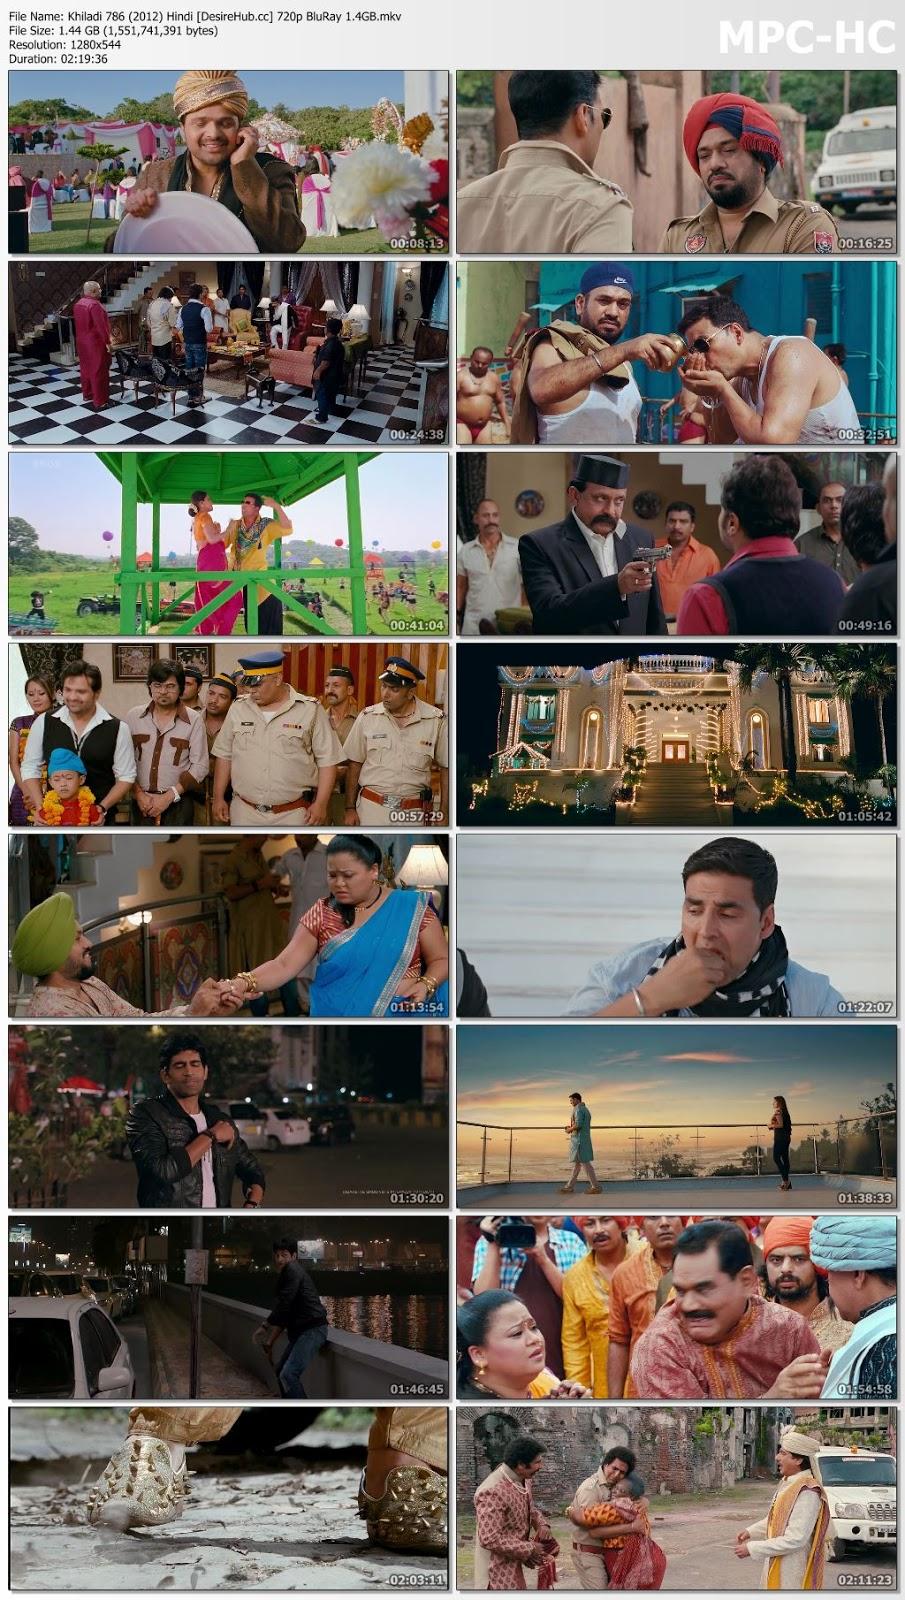 Khiladi 786 (2012) Hindi 720p BluRay 1.4GB Desirehub